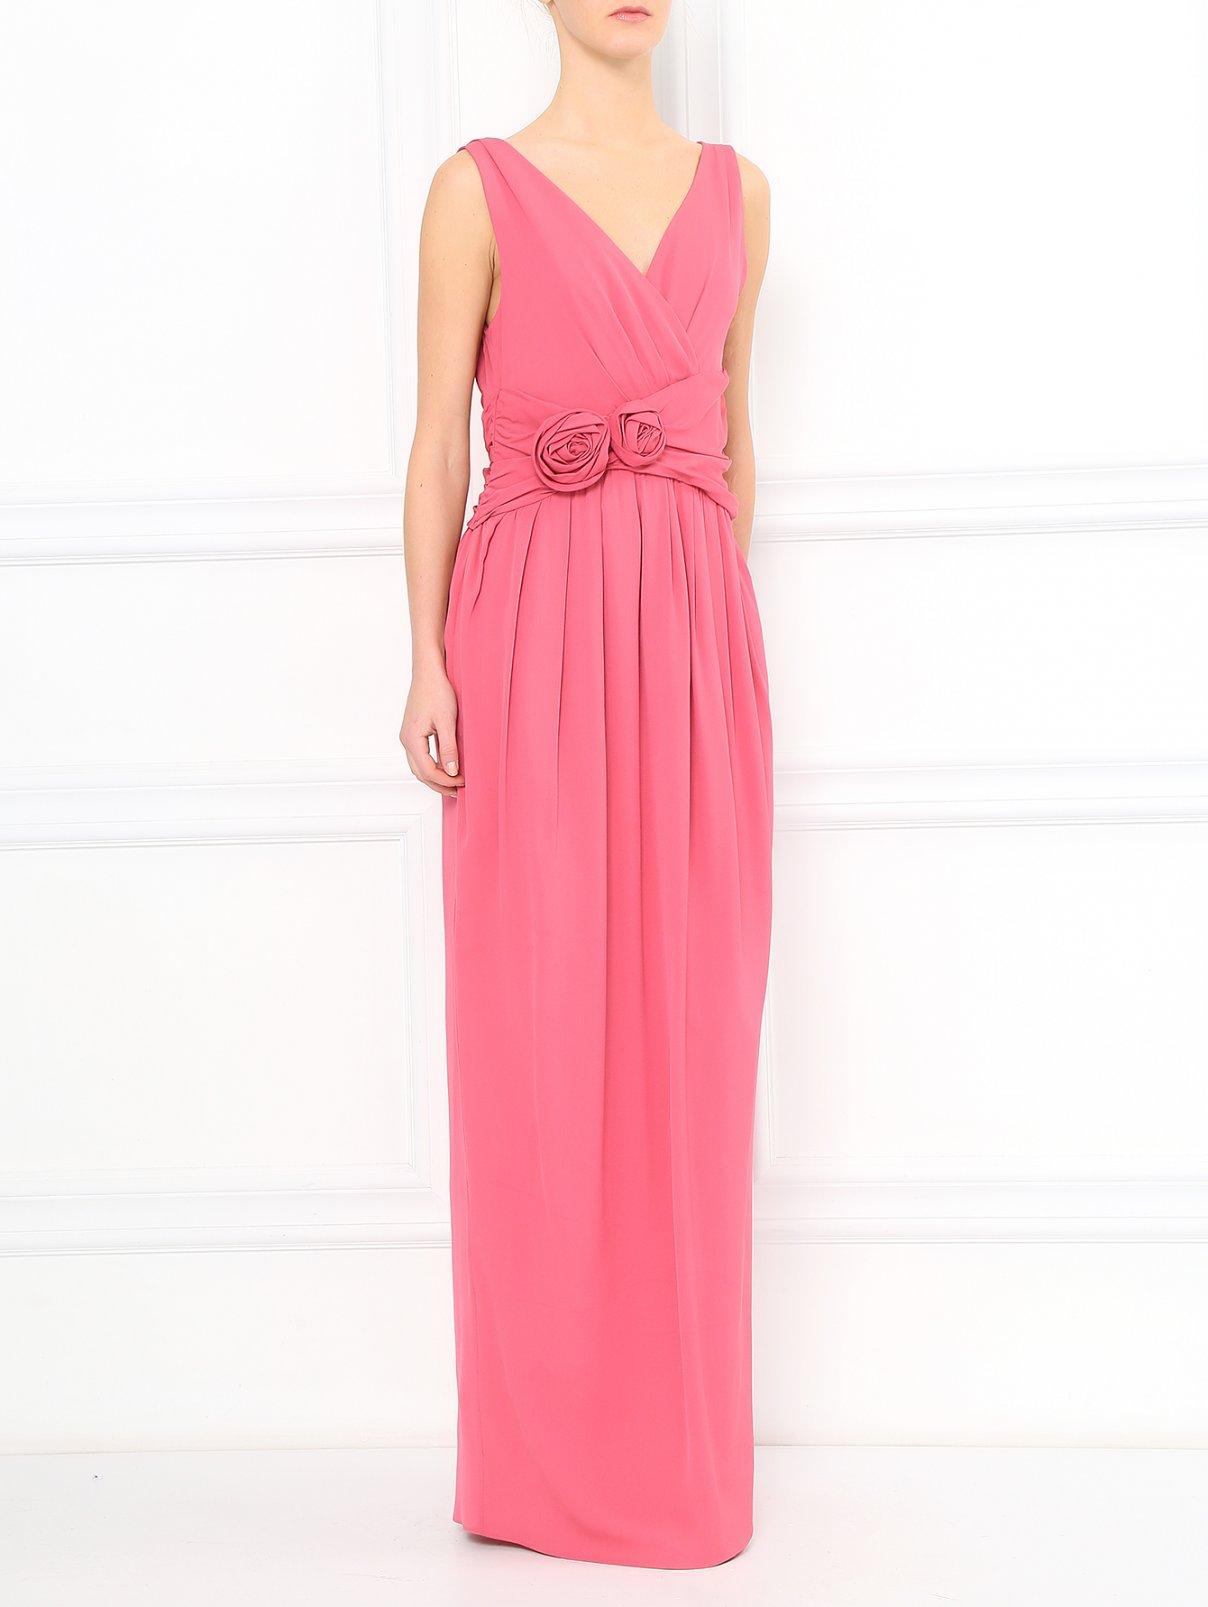 Платье-макси из шелка с драпировкой Moschino  –  Модель Общий вид